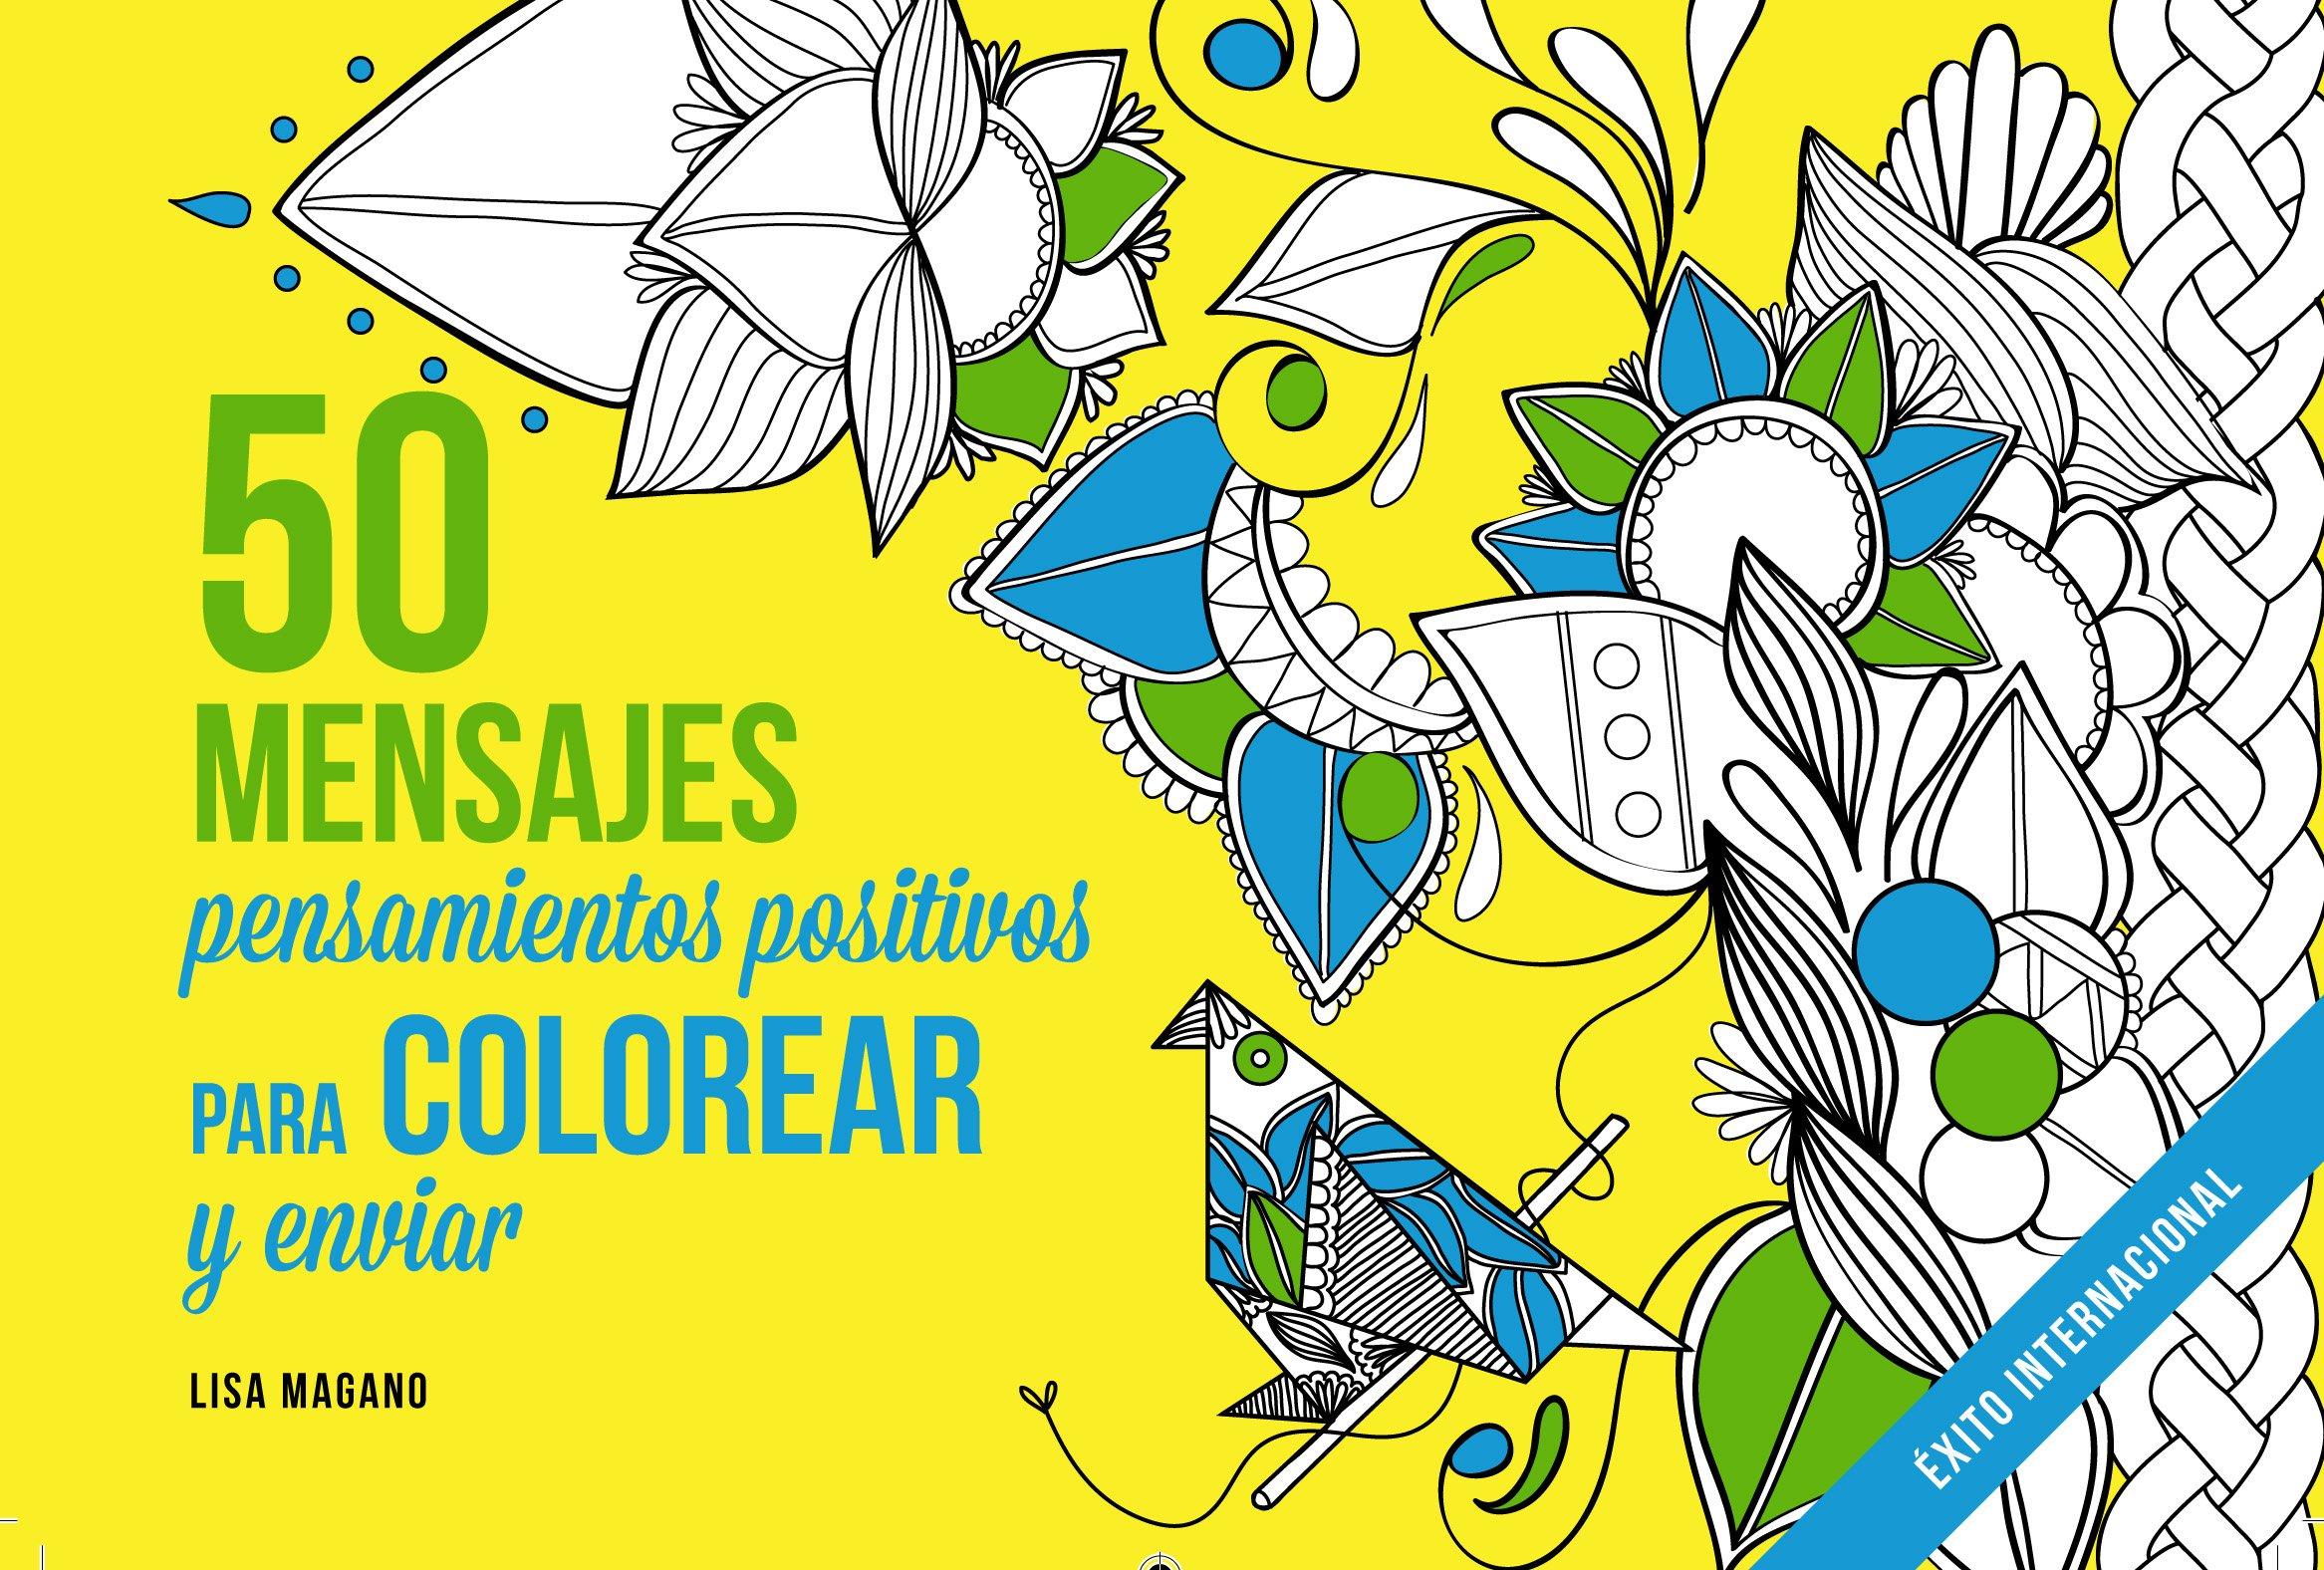 50 mensajes para colorear (Ocio): Amazon.es: Lisa Magano: Libros